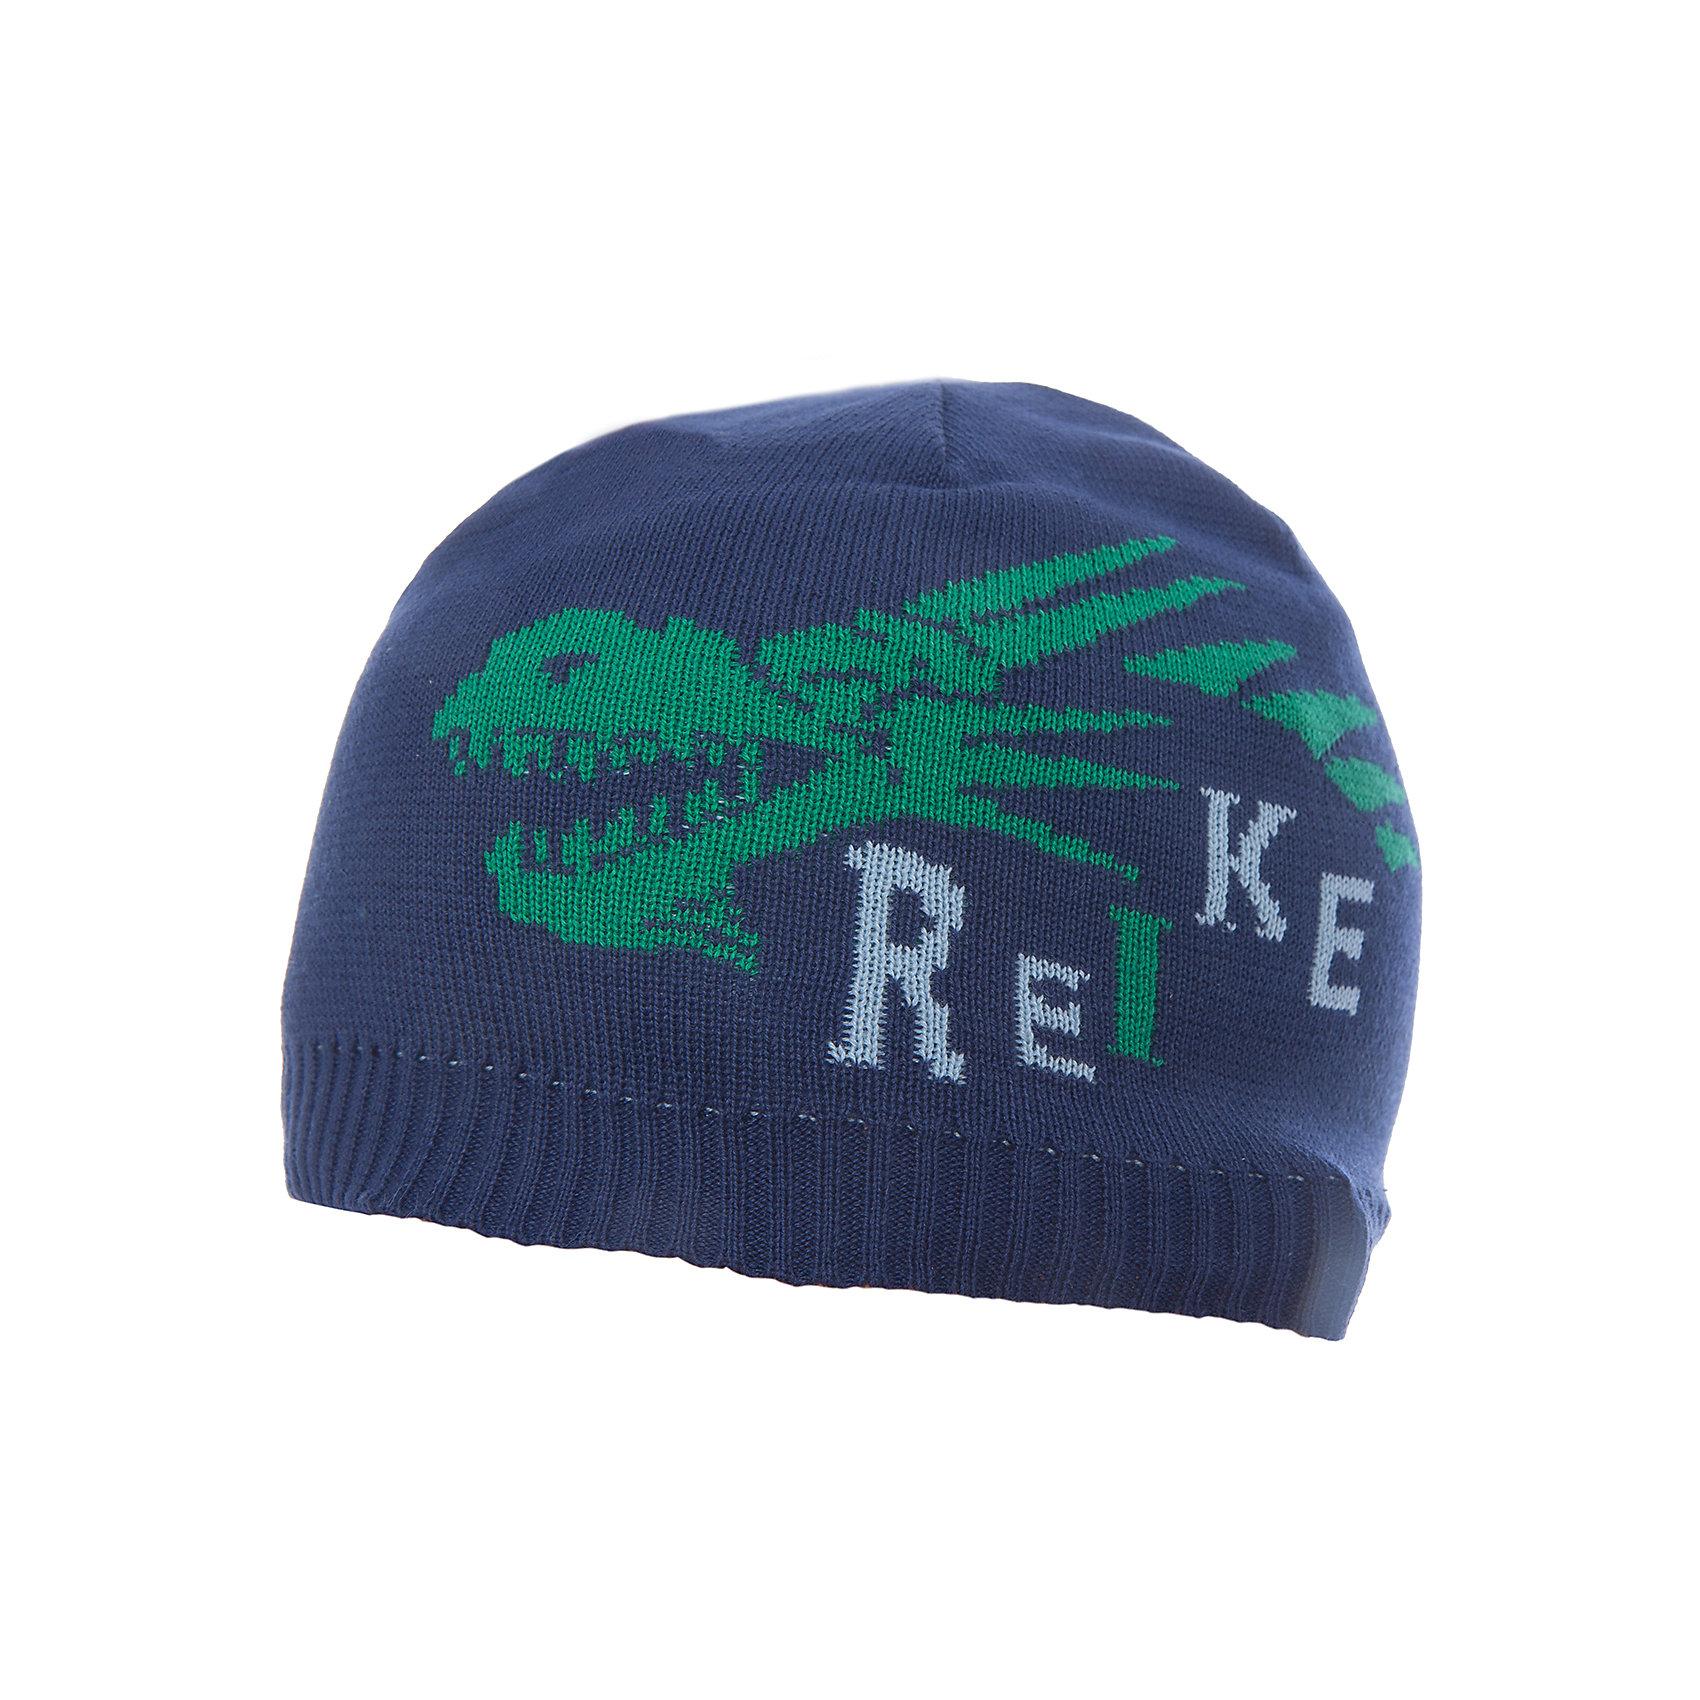 Шапка Reike для мальчикаШапки и шарфы<br>Характеристики товара:<br><br>• цвет: синий<br>• состав: 97% хлопок, 3% полиуретан<br>• декорирована принтом <br>• мягкий материал<br>• страна бренда: Финляндия<br><br>Новая коллекция от известного финского производителя Reike отличается ярким дизайном, продуманностью и комфортом! Эта модель разработана специально для детей - она учитывает особенности их физиологии, а также новые тенденции в европейской моде. Она отлично сочетается с обувью разных цветов и фасонов. Стильная и удобная вещь!<br><br>Шапку для мальчика от популярного бренда Reike можно купить в нашем интернет-магазине.<br><br>Ширина мм: 89<br>Глубина мм: 117<br>Высота мм: 44<br>Вес г: 155<br>Цвет: полуночно-синий<br>Возраст от месяцев: 24<br>Возраст до месяцев: 36<br>Пол: Мужской<br>Возраст: Детский<br>Размер: 50,54,52<br>SKU: 5430176